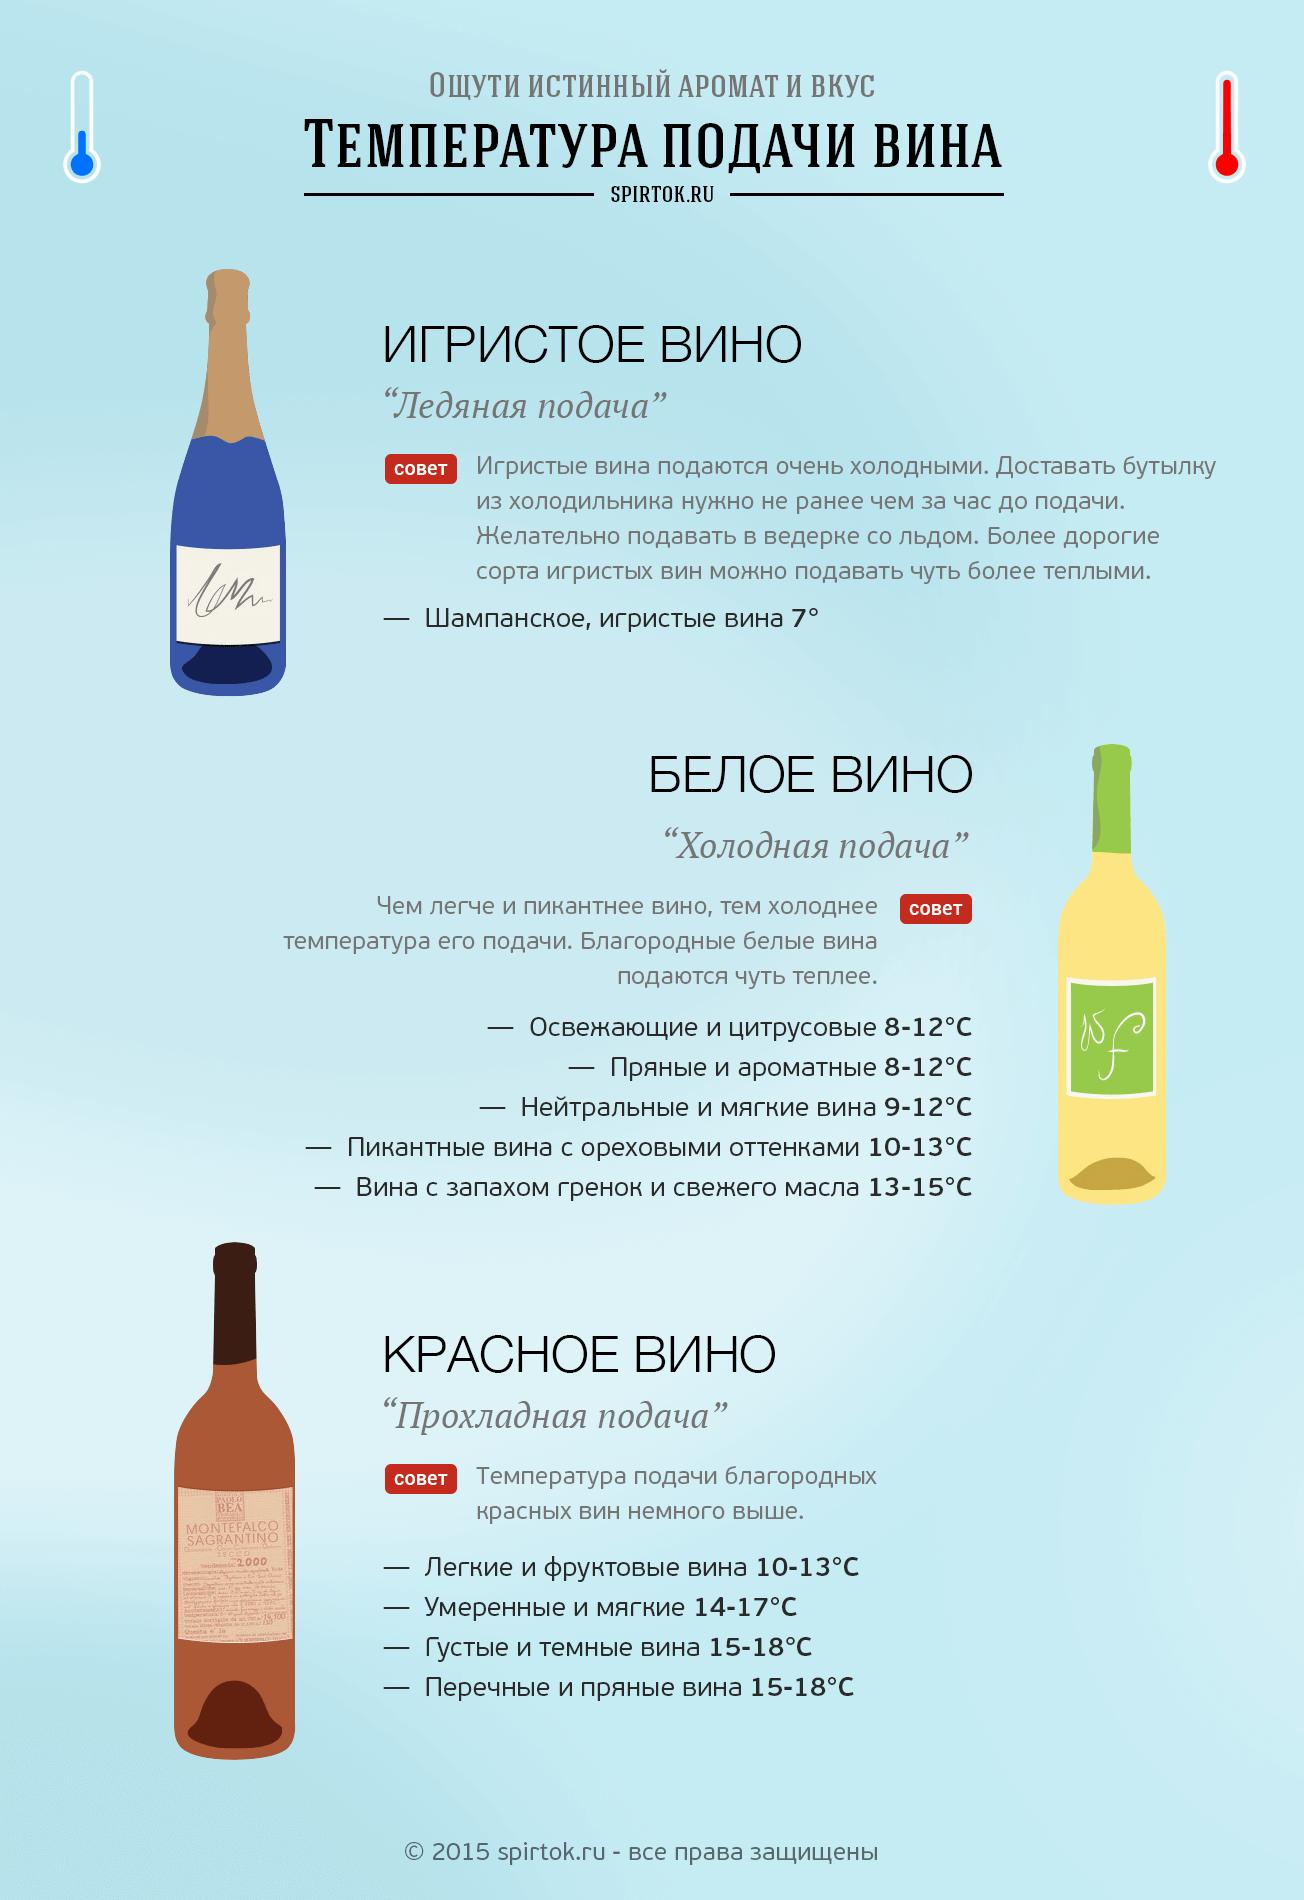 температура подачи вина инфографика